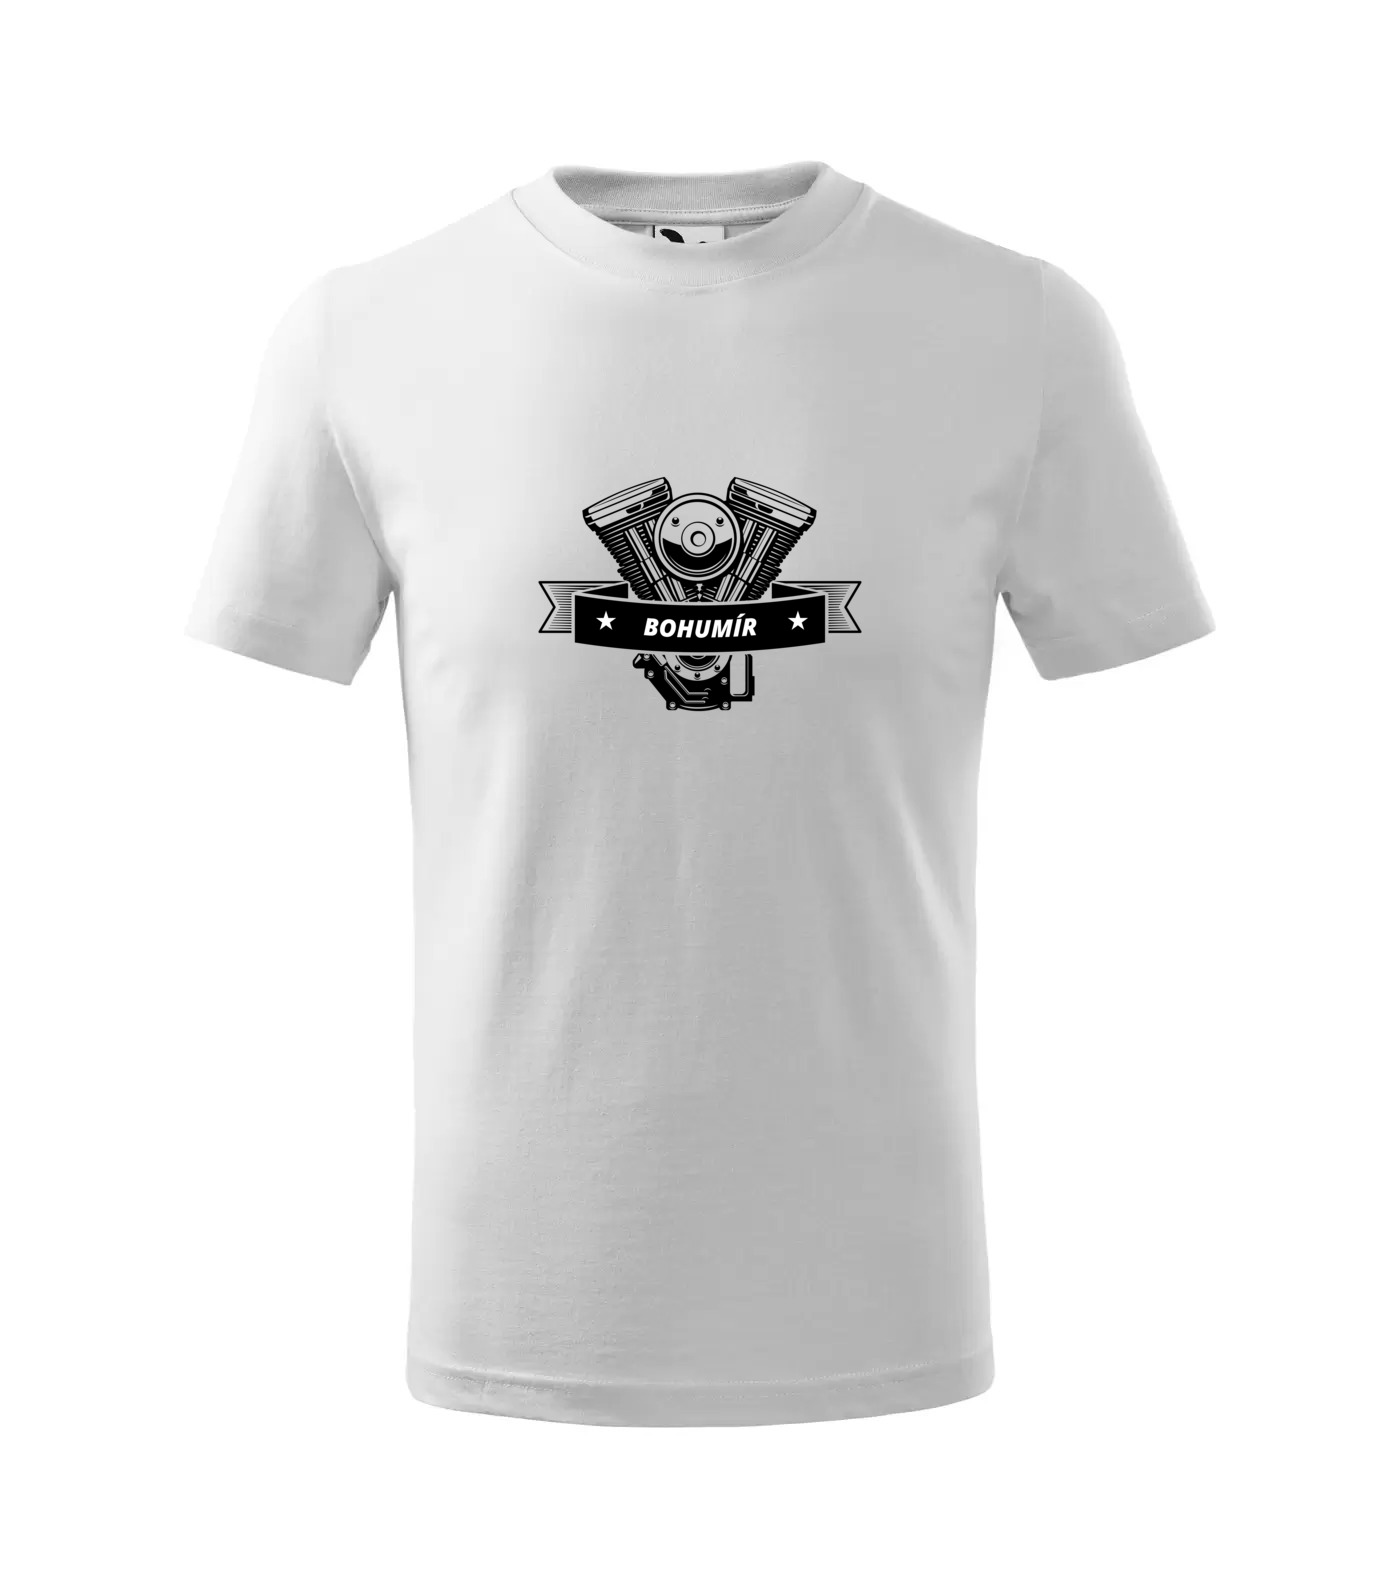 Tričko Motorkář Bohumír